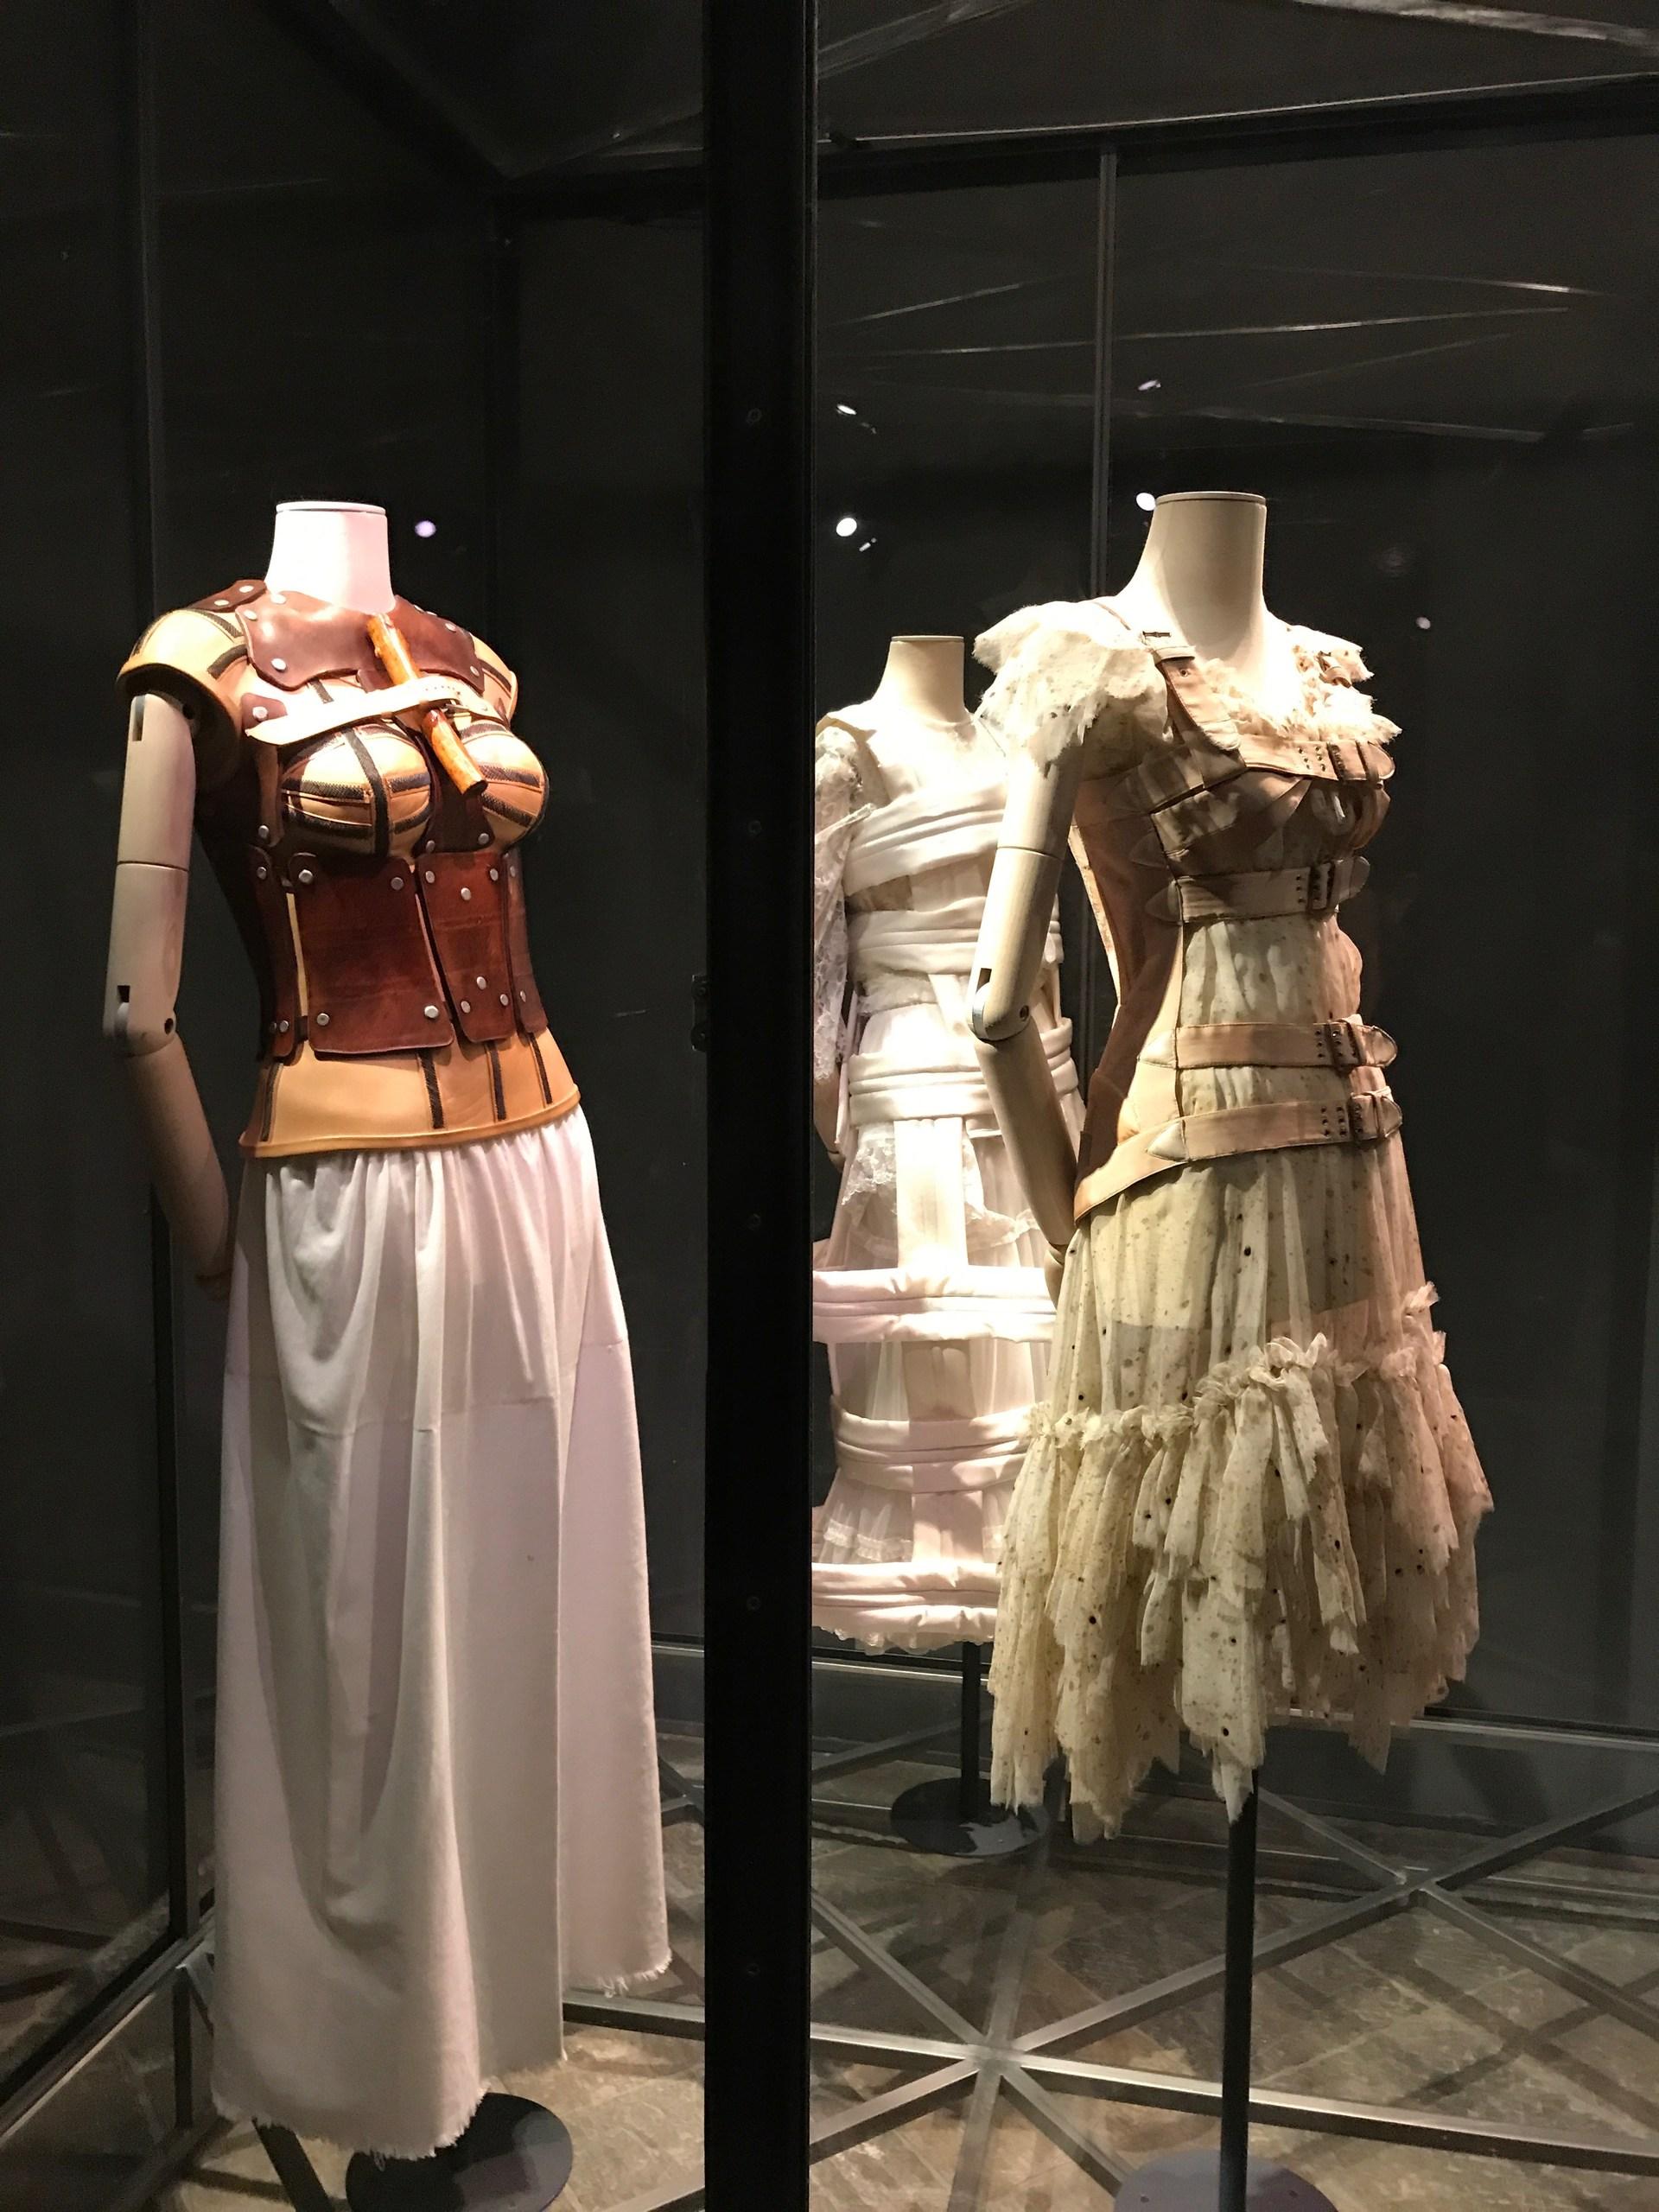 Frida's dresses